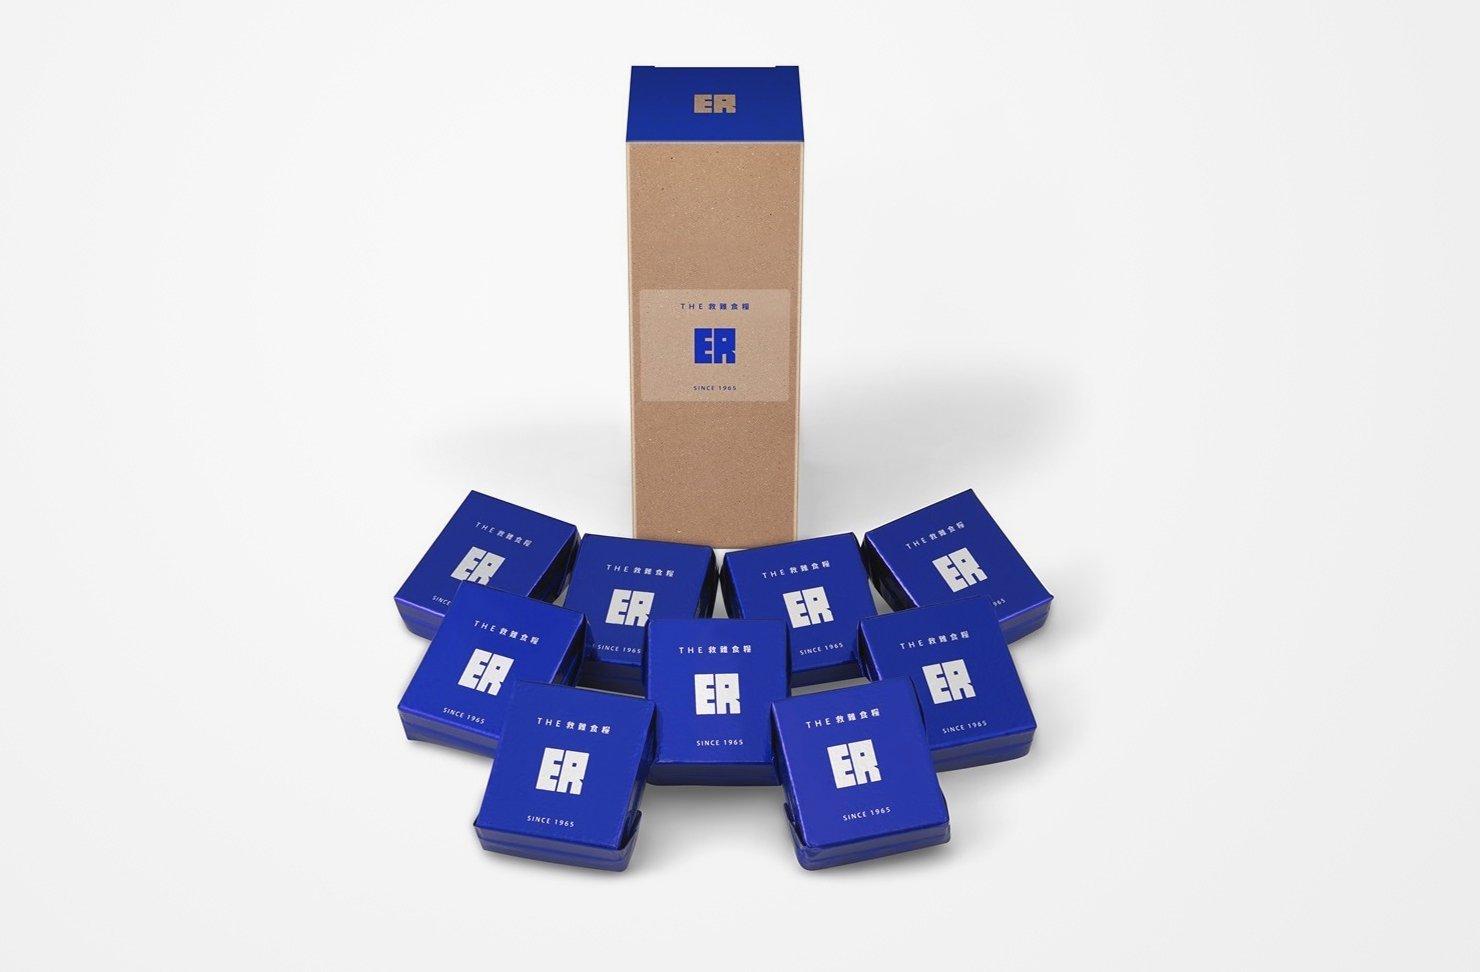 THE防災セット ライフボックス フォー 3デイズ